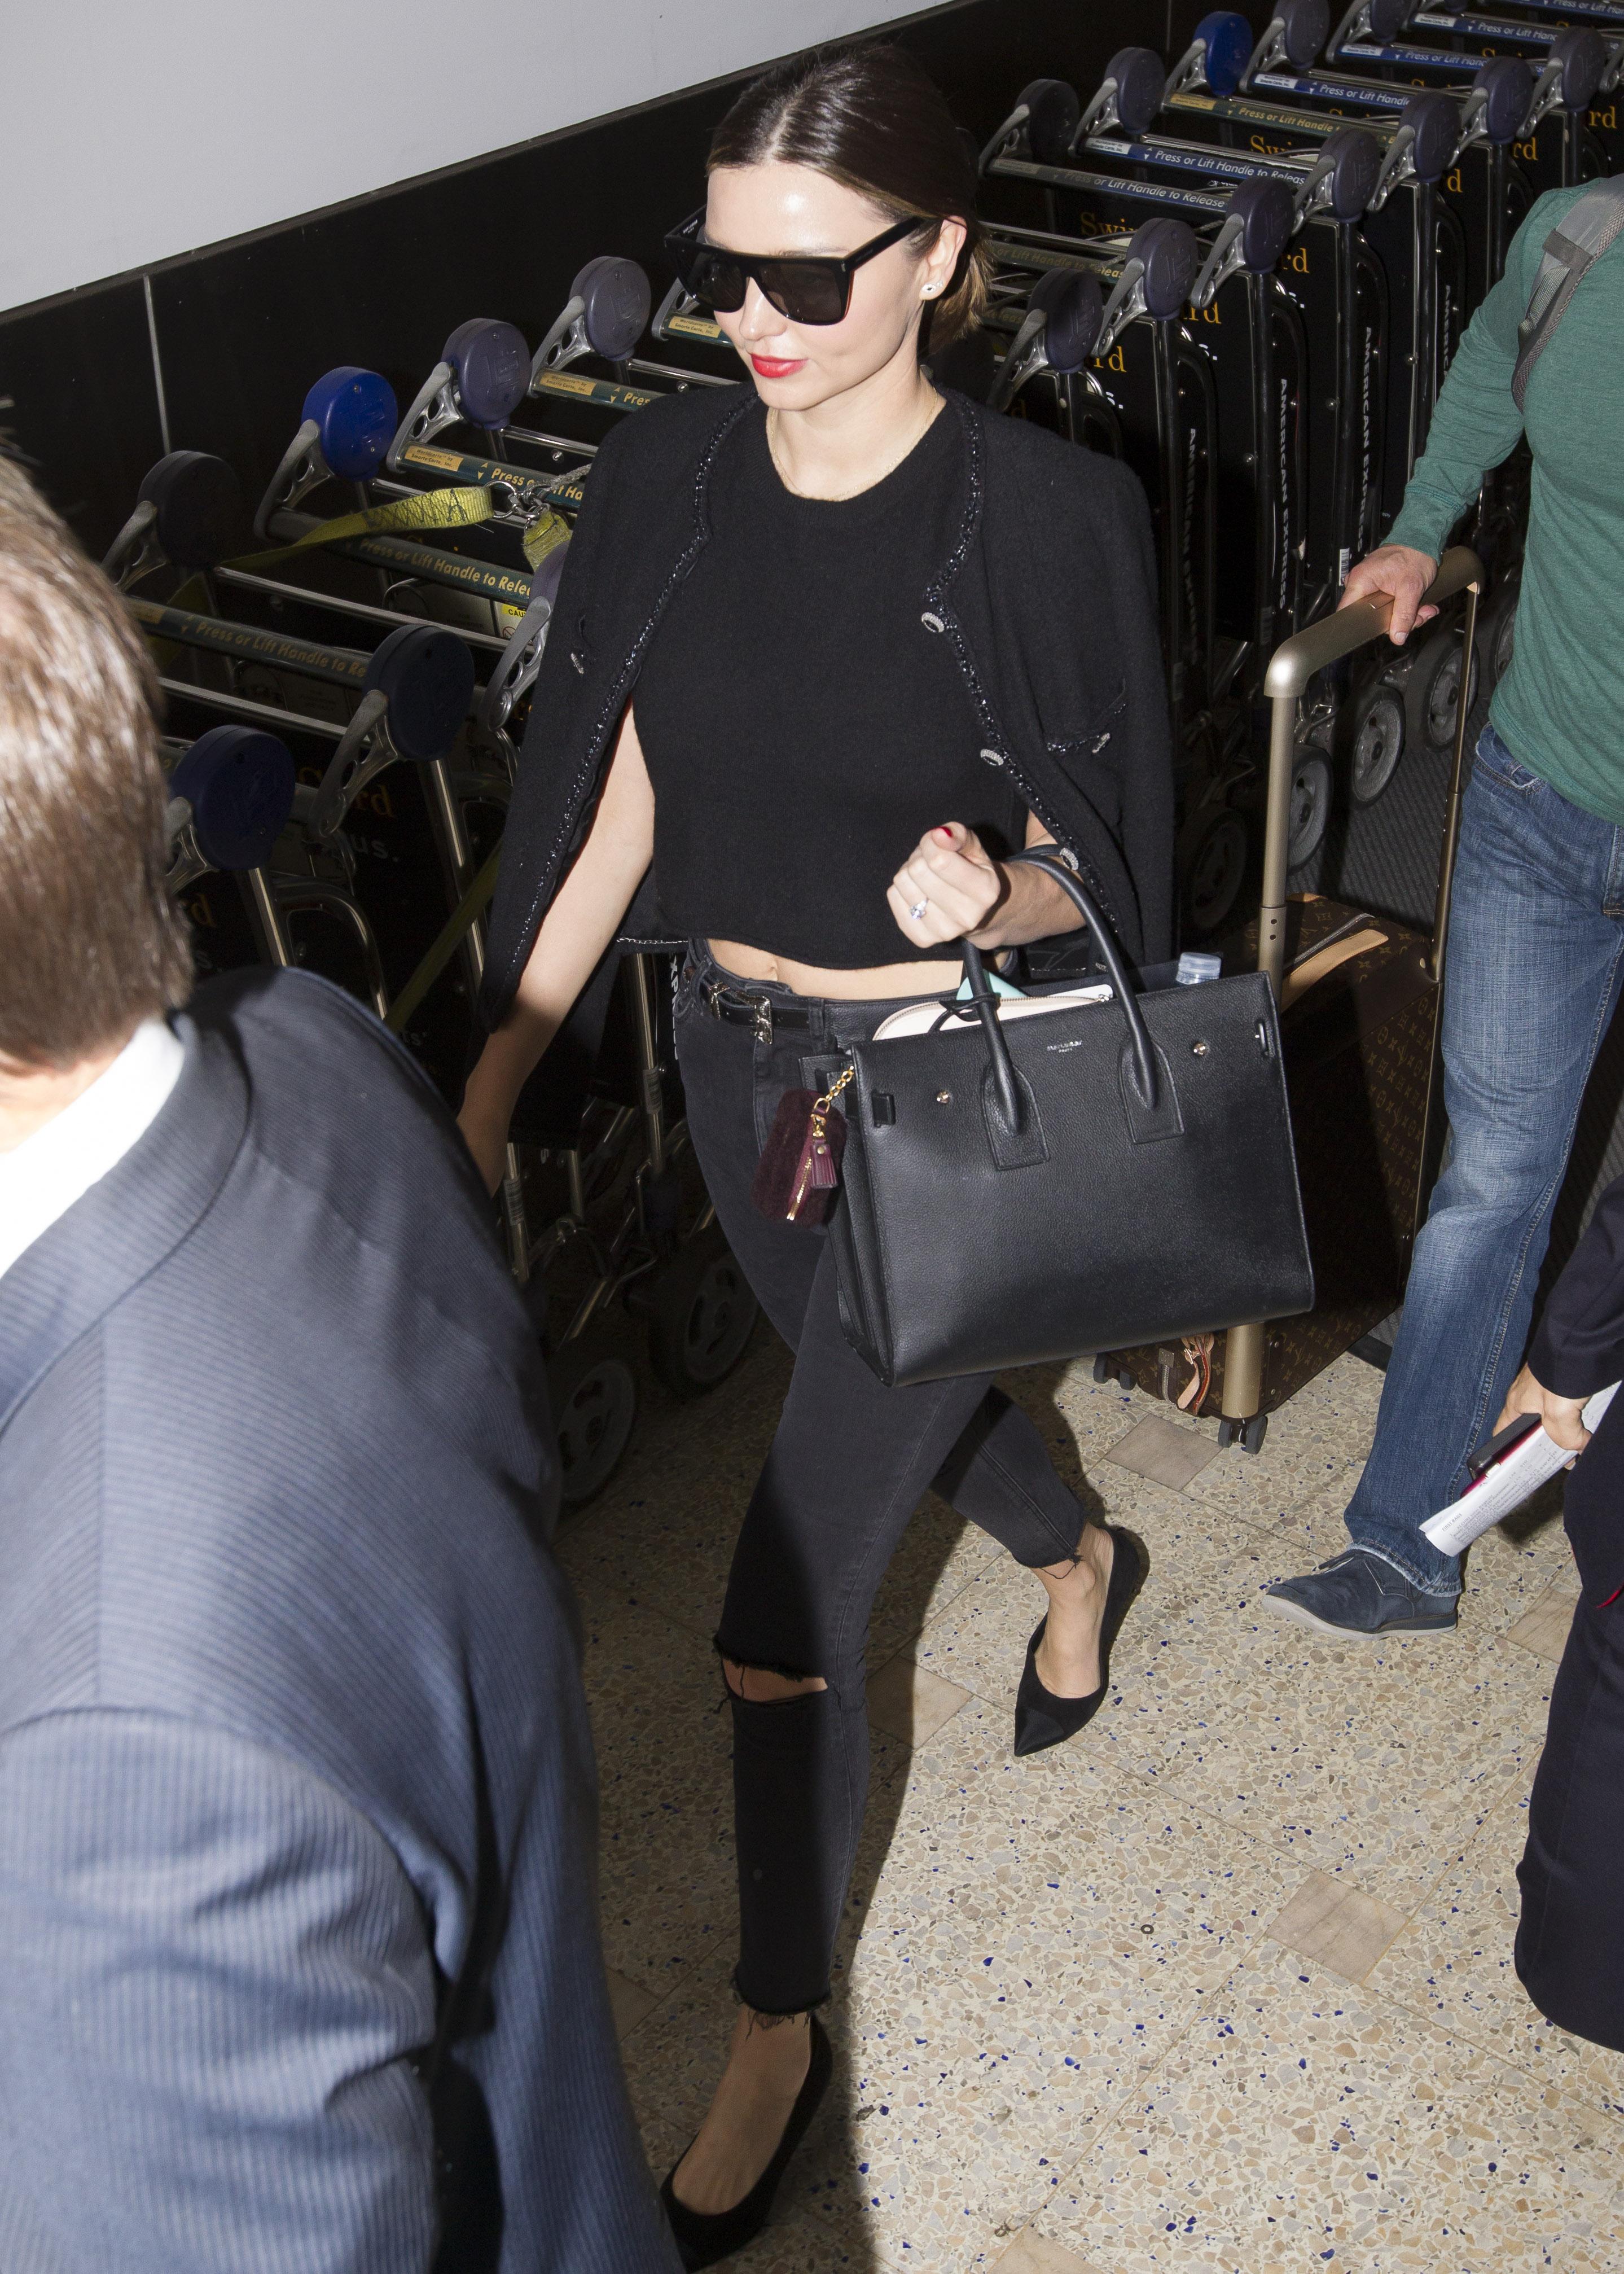 Miranda Kerr And Evan Spiegel Jet Into Sydney Ahead Of Her Brother Matthew's Wedding